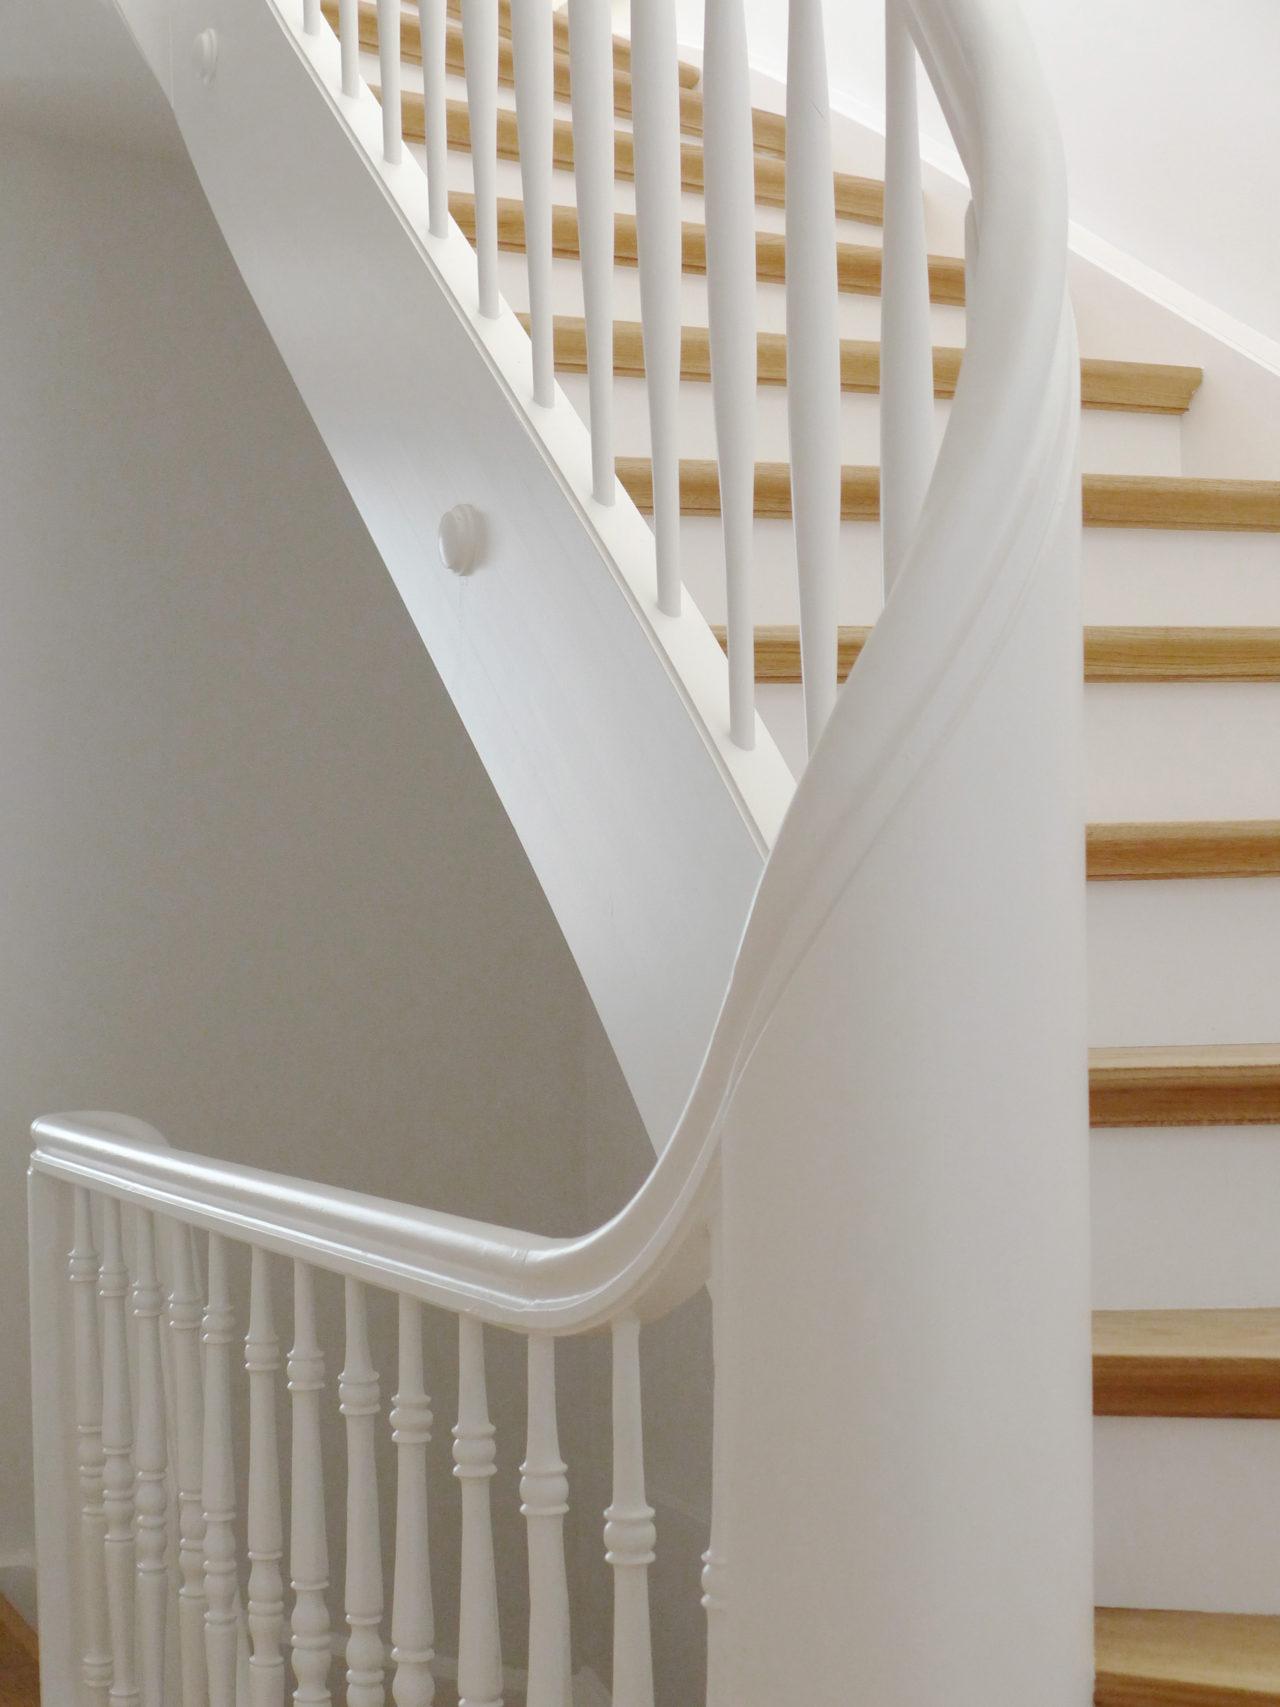 Weiterführung bestehender Treppe ins Dachgeschoss nach Umbau und Ausbau (Dachausbau)von Architekturbüro Forsberg in Basel